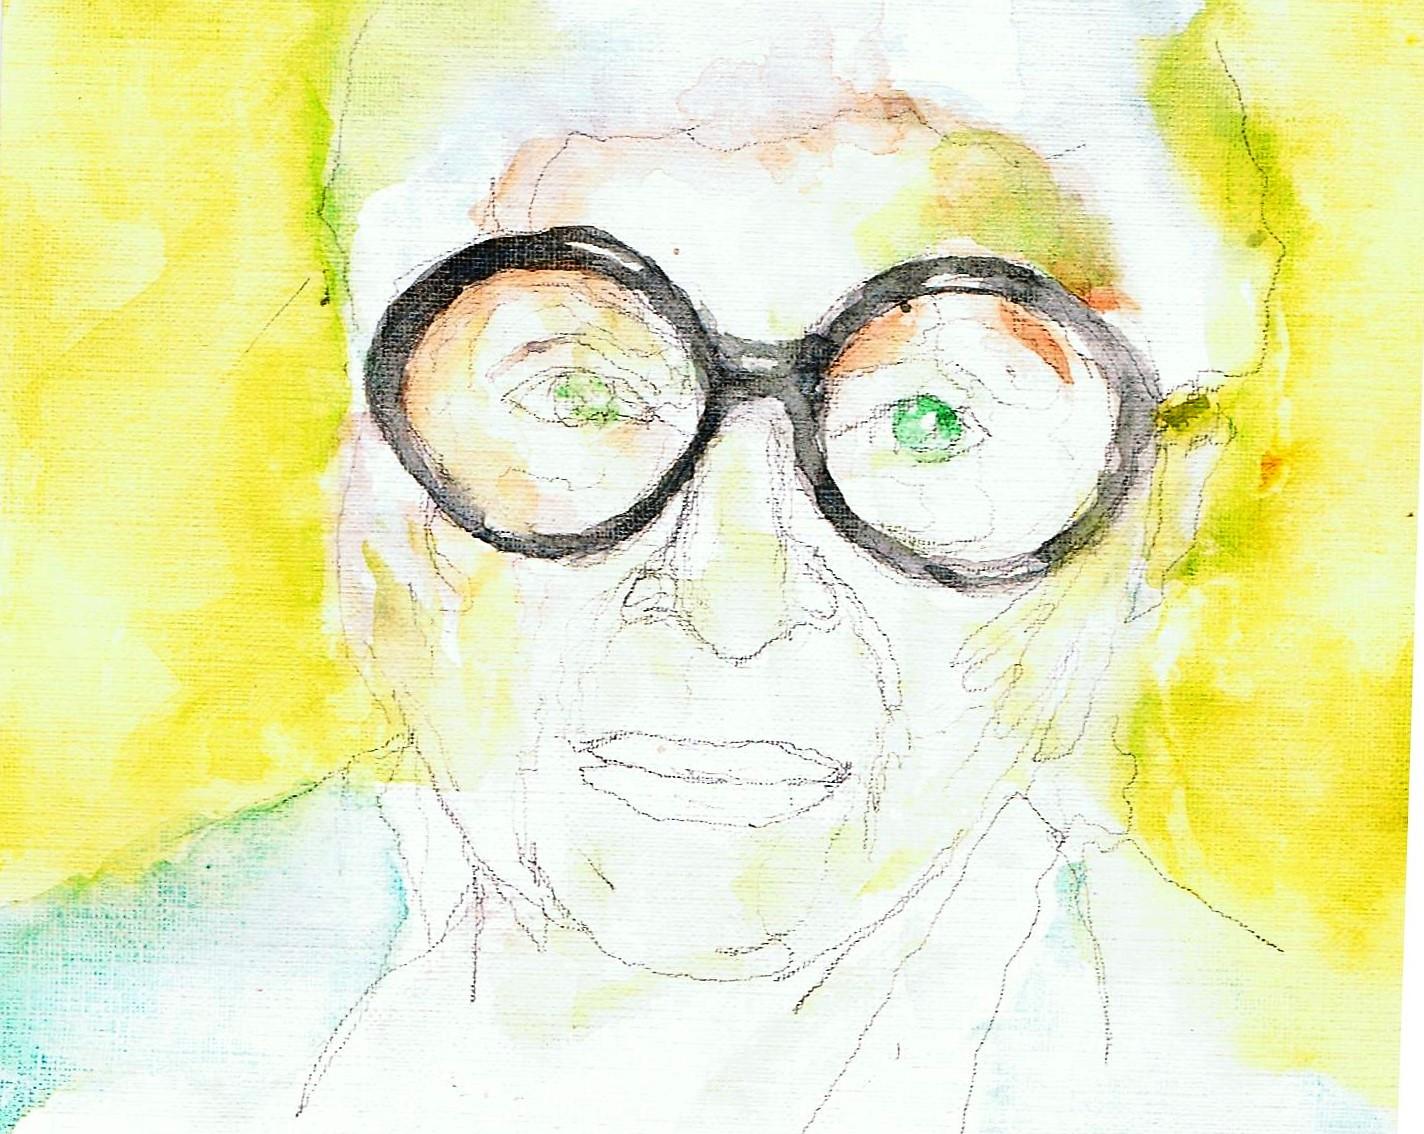 365 dagen een portret Iris Apfel, stijl-icoon Aquaarel 19c25